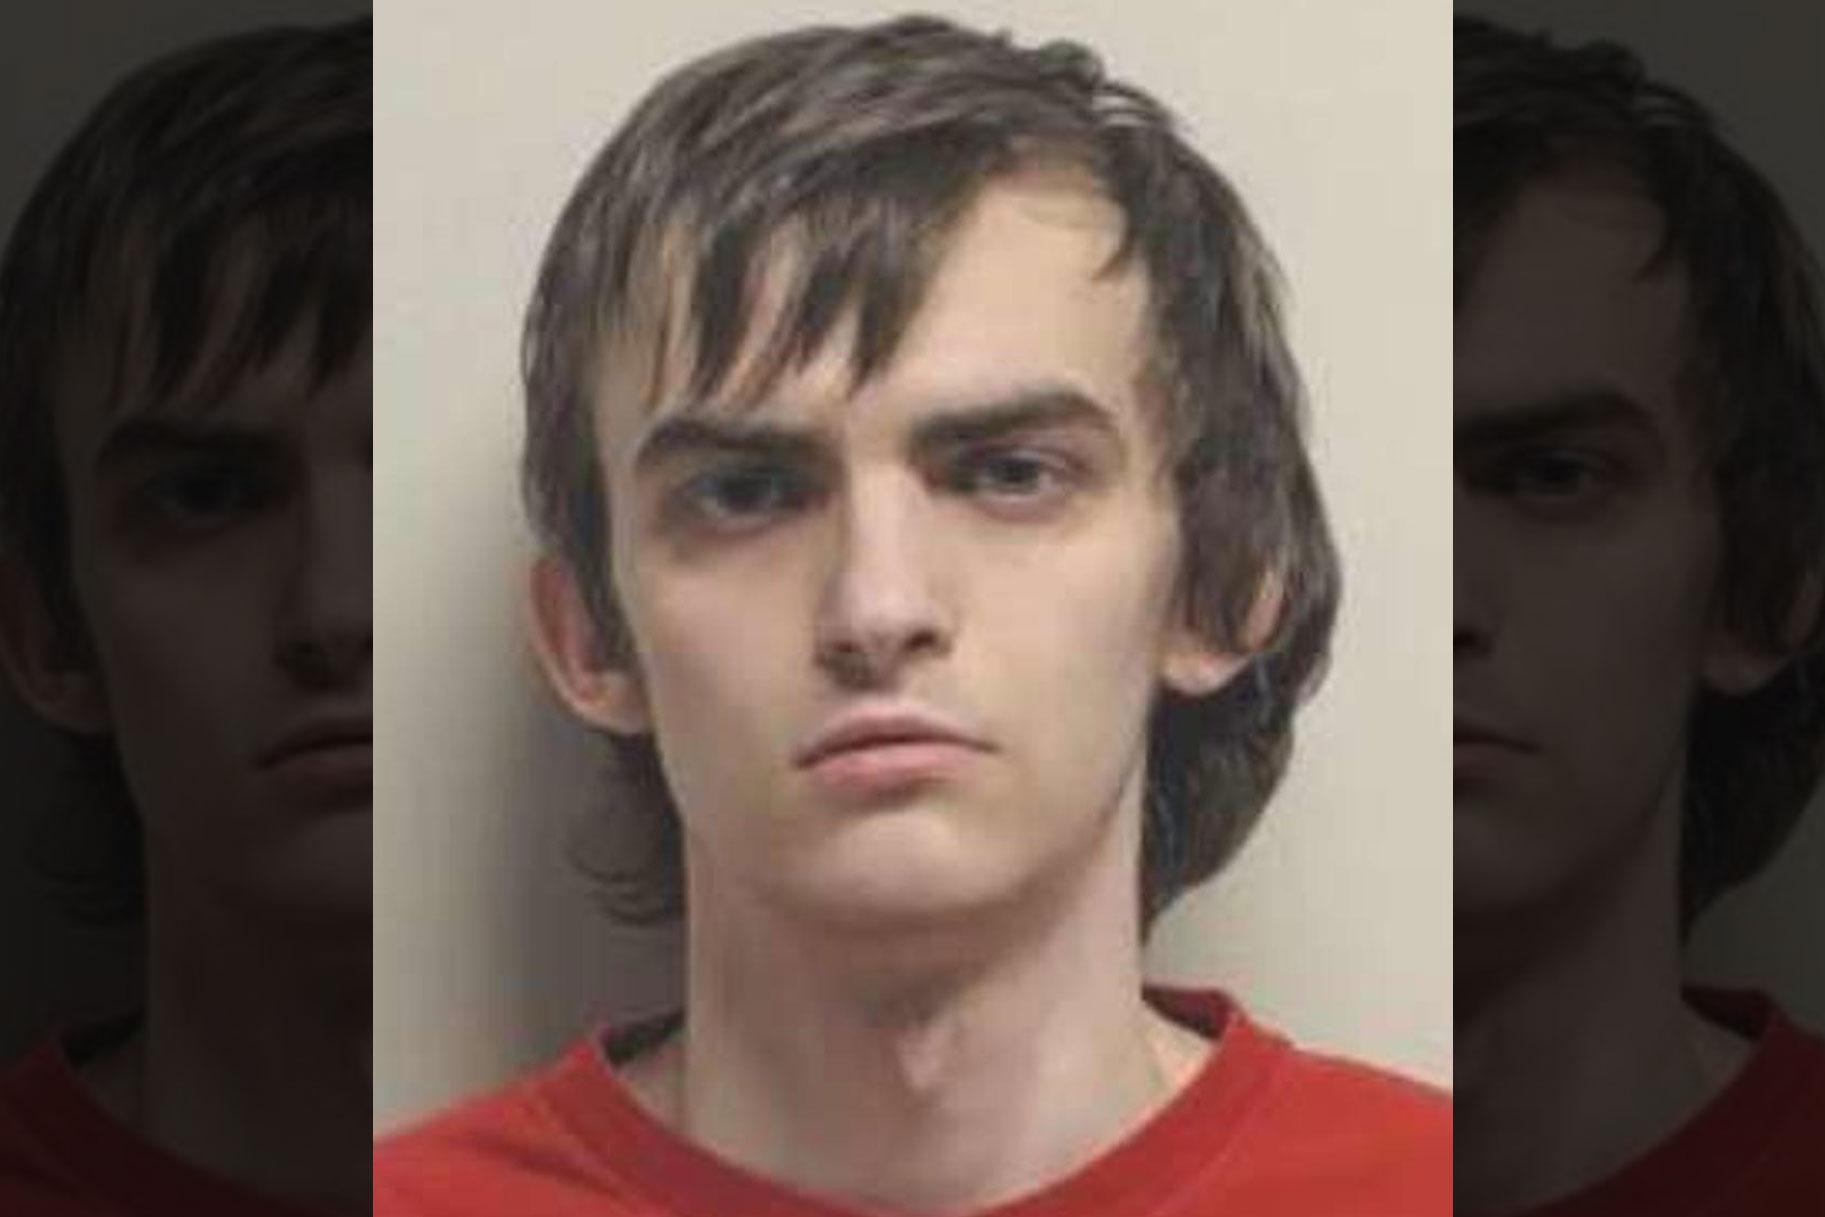 Muškarac je navodno svojim automobilom udario 11-godišnjakinju, a zatim joj rekao da 'Svi umiremo nekada'